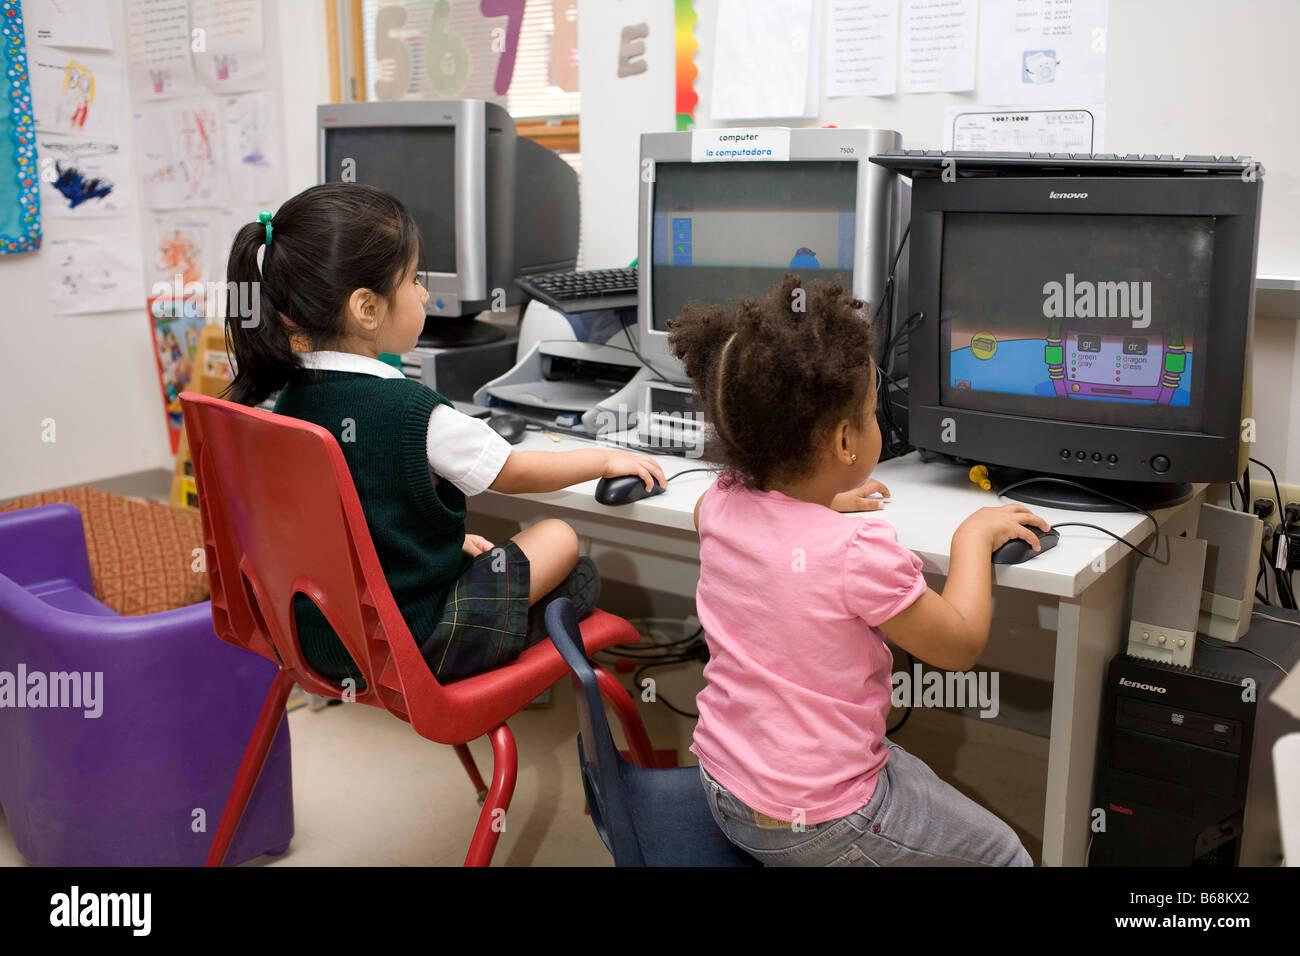 Children Computers School Stock Photos Amp Children Computers School Stock Images